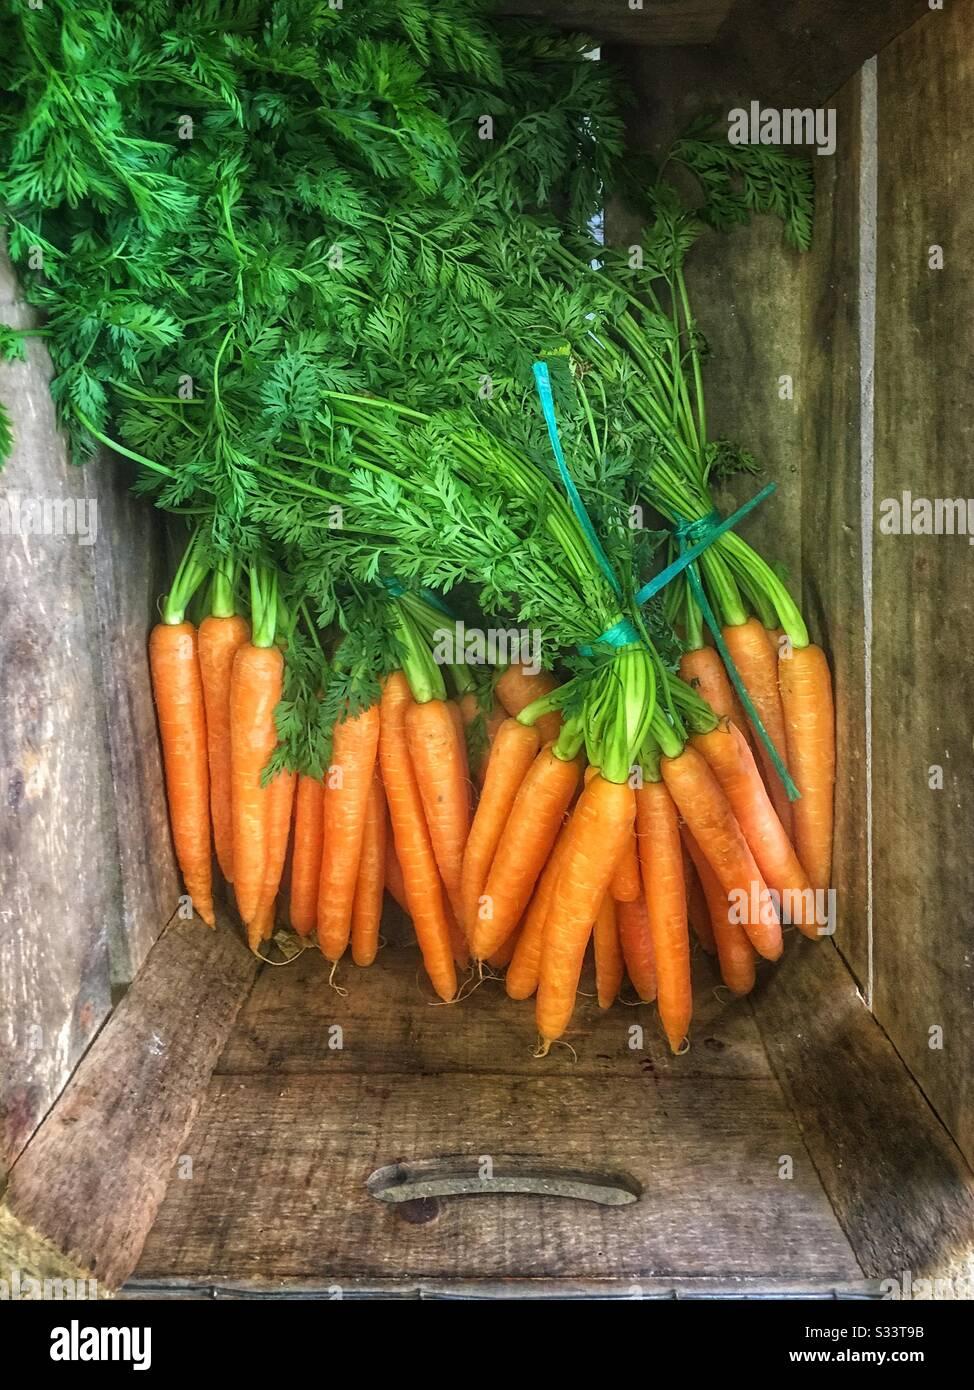 Faites le plein de petits pains de carottes fraîches, avec des hauts, dans une boîte en bois, à vendre dans un magasin agricole. Banque D'Images